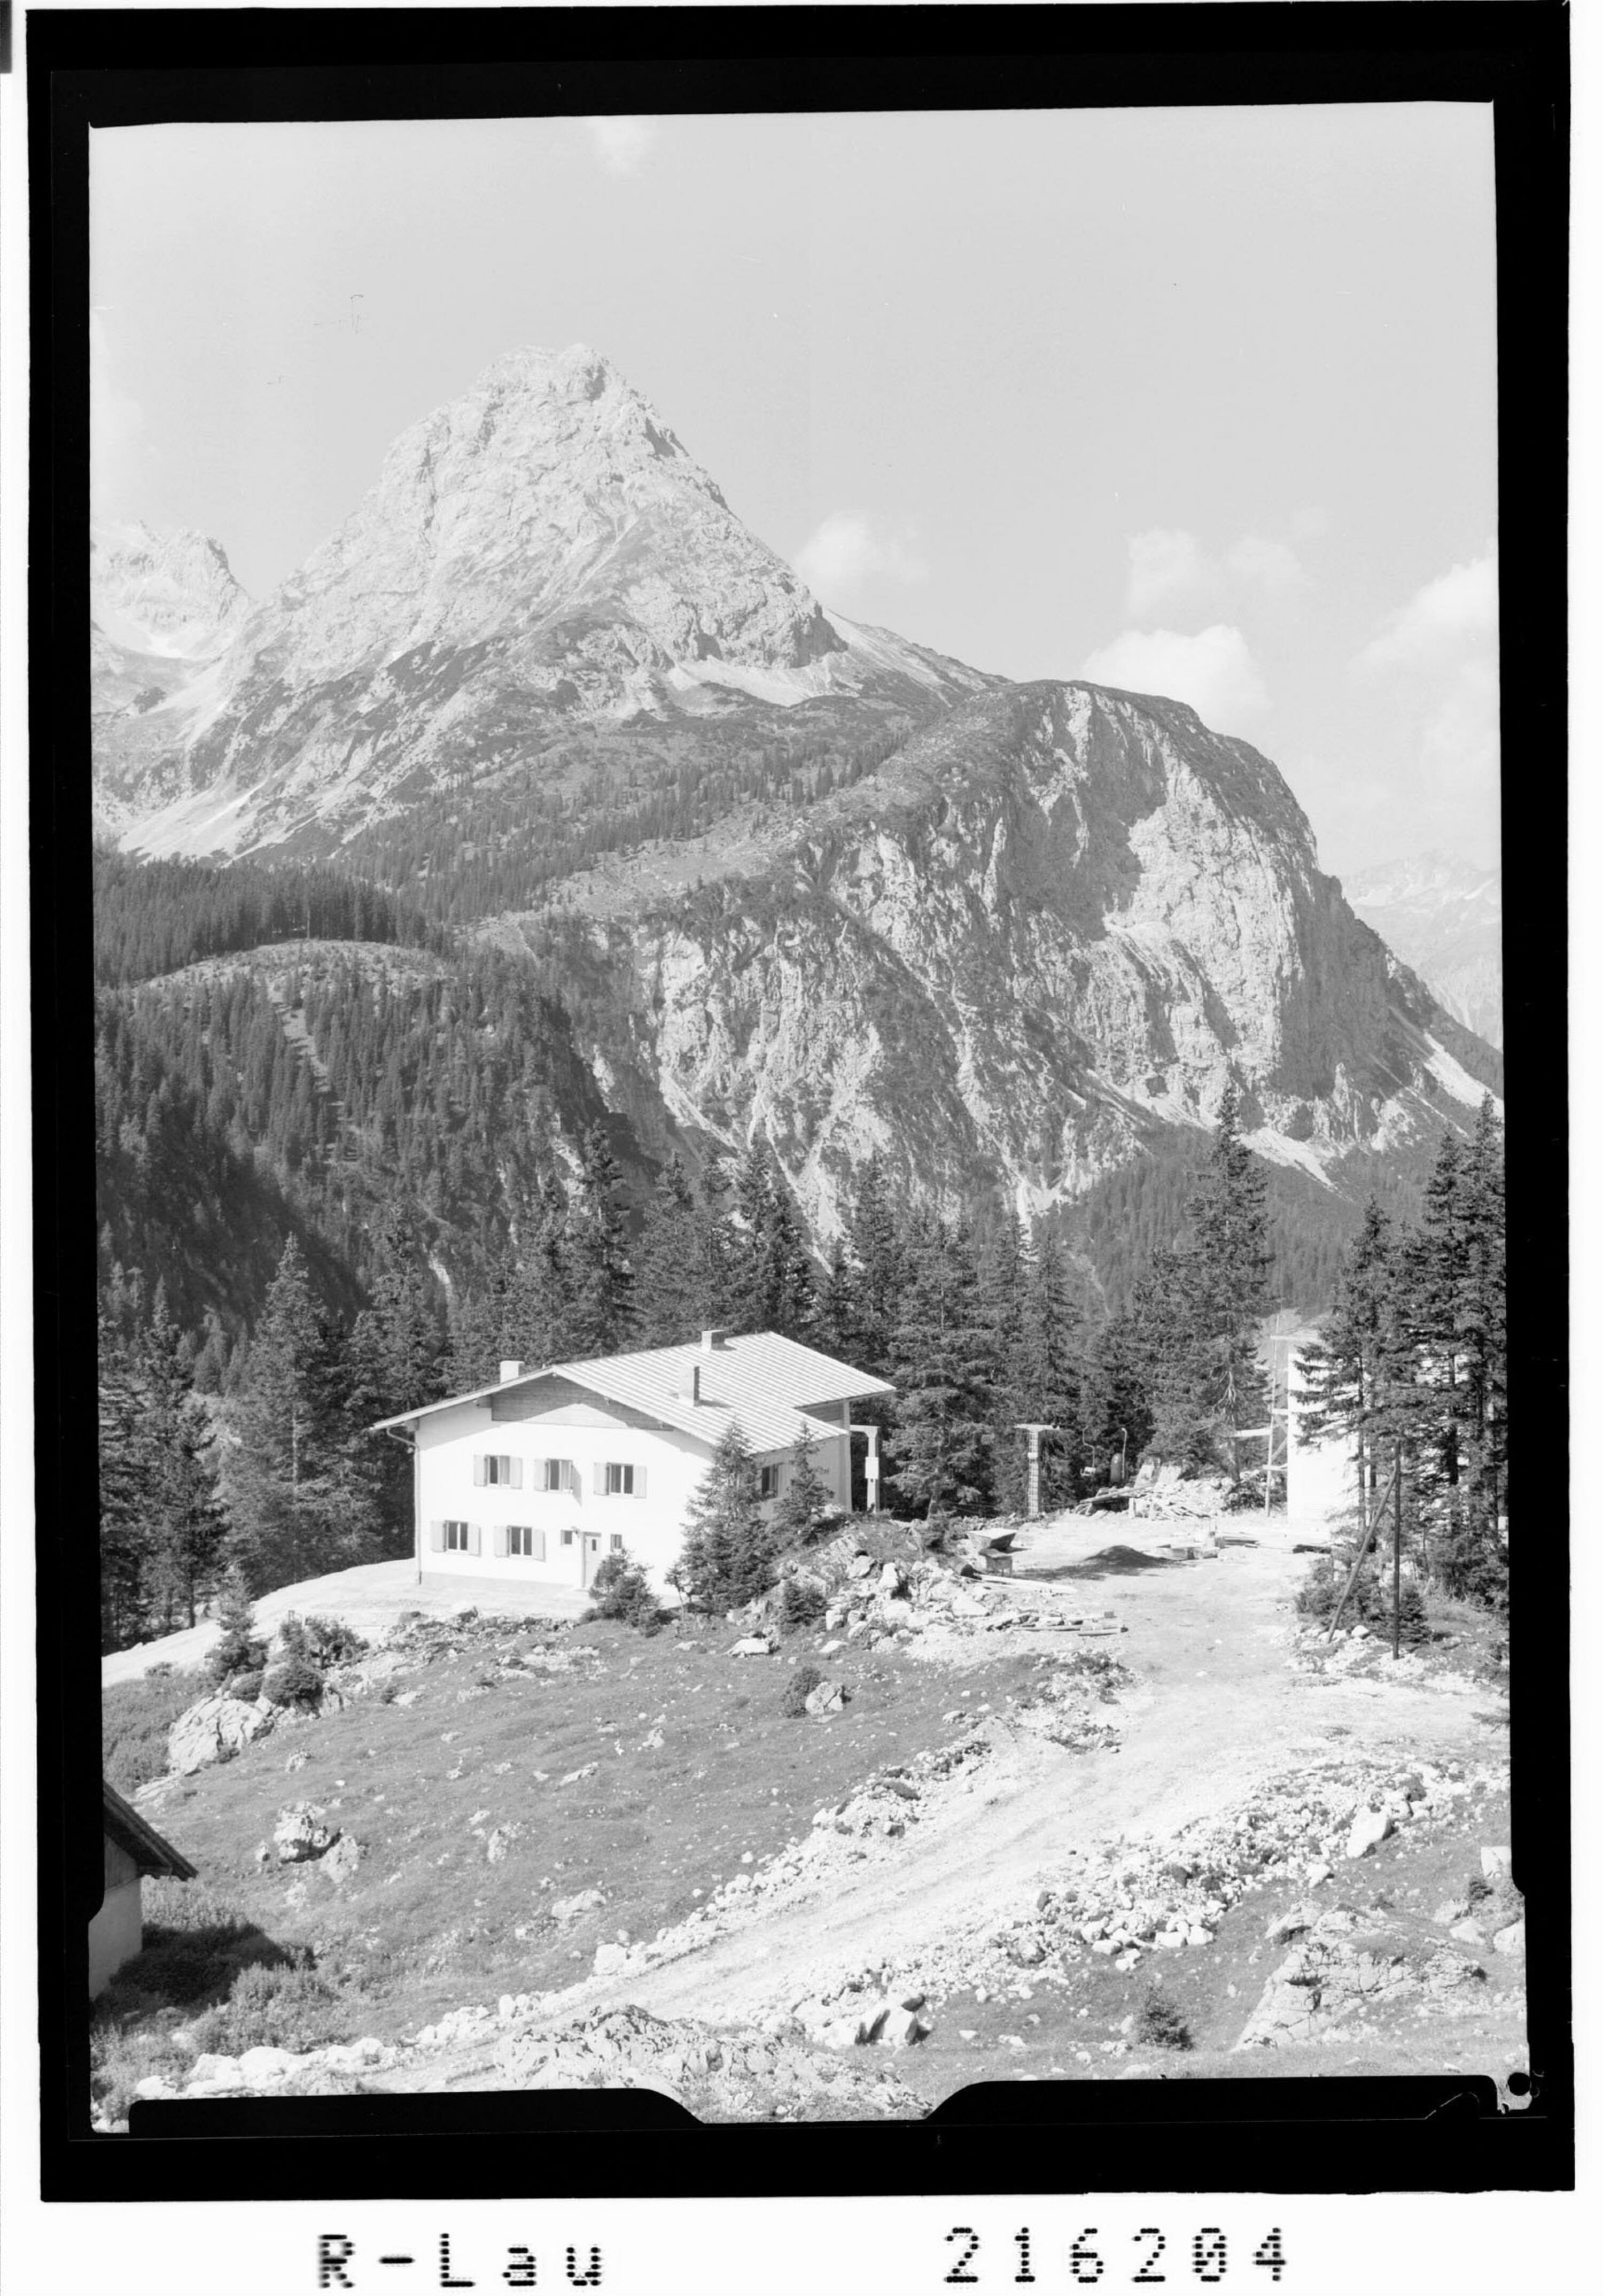 Sessellift Ehrwalder Alm / Bergstation bei Ehrwald mit Blick zur Sonnenspitze von Risch-Lau